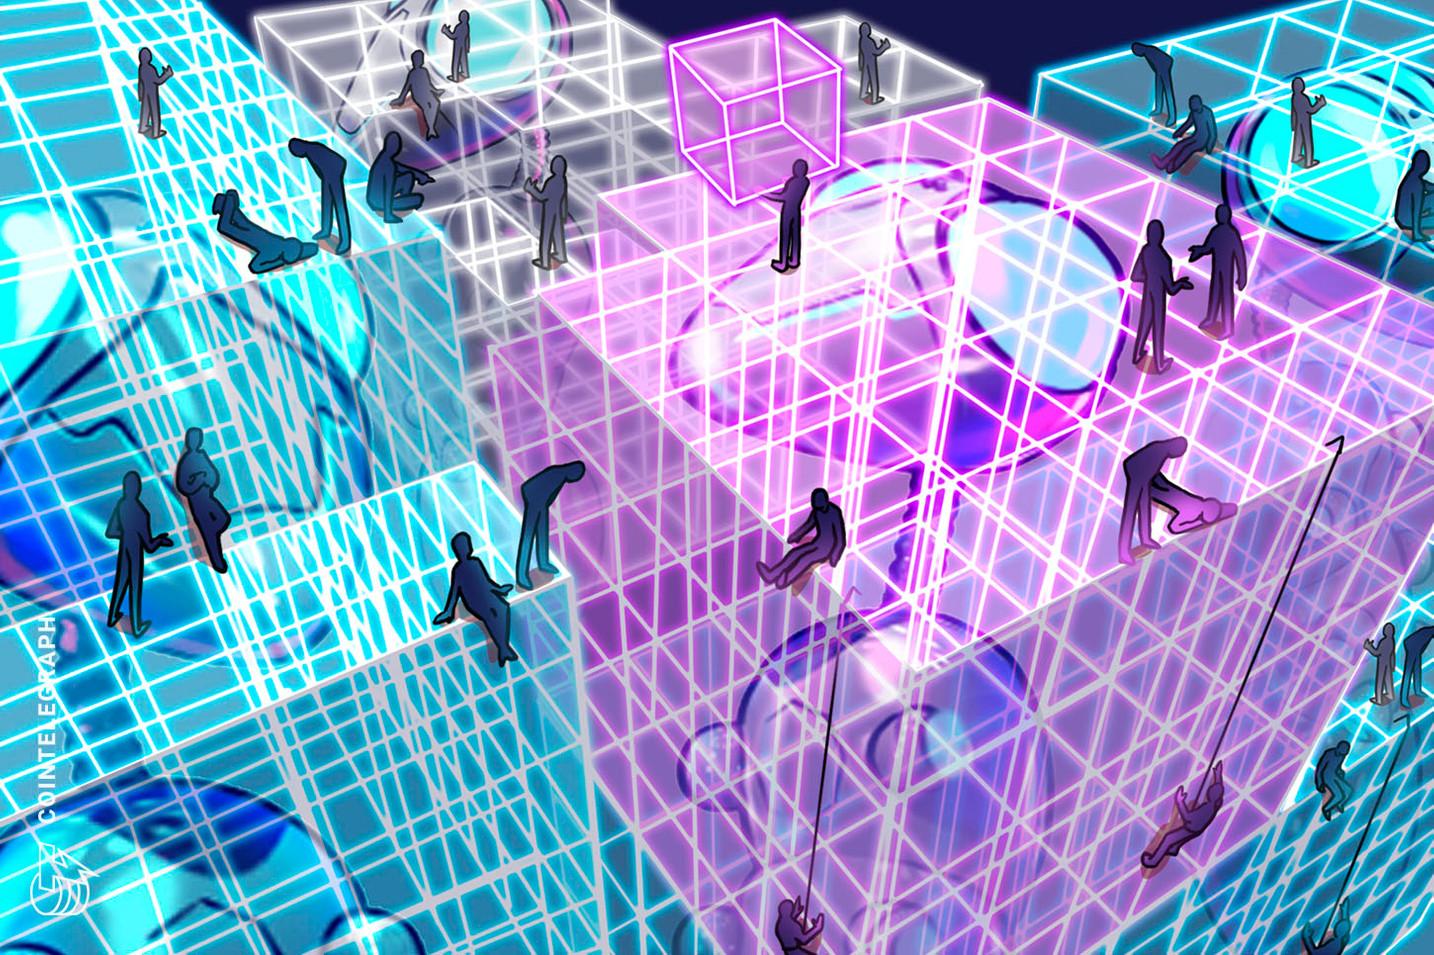 世界の企業の39%がブロックチェーンに取り組む、大手監査法人デロイトが調査発表